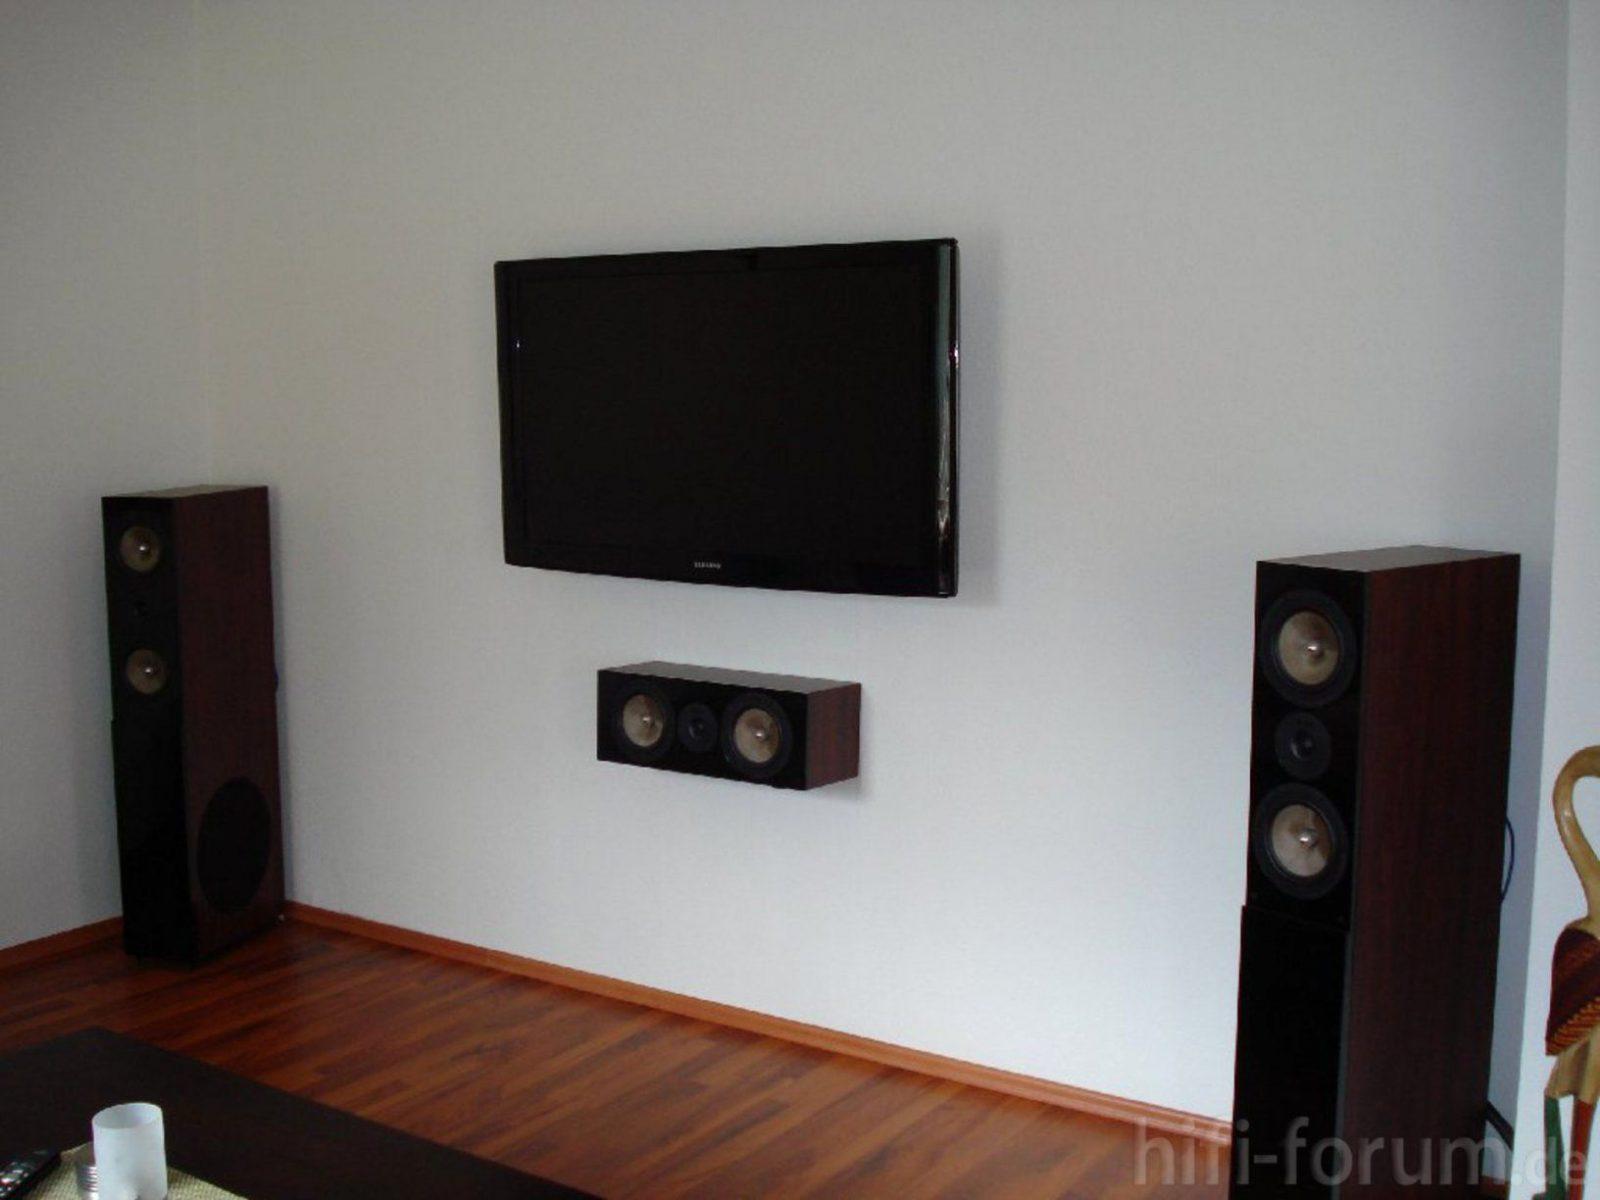 Tv an wand kabel verstecken haus design ideen - Fernseher an der wand kabel verstecken ...